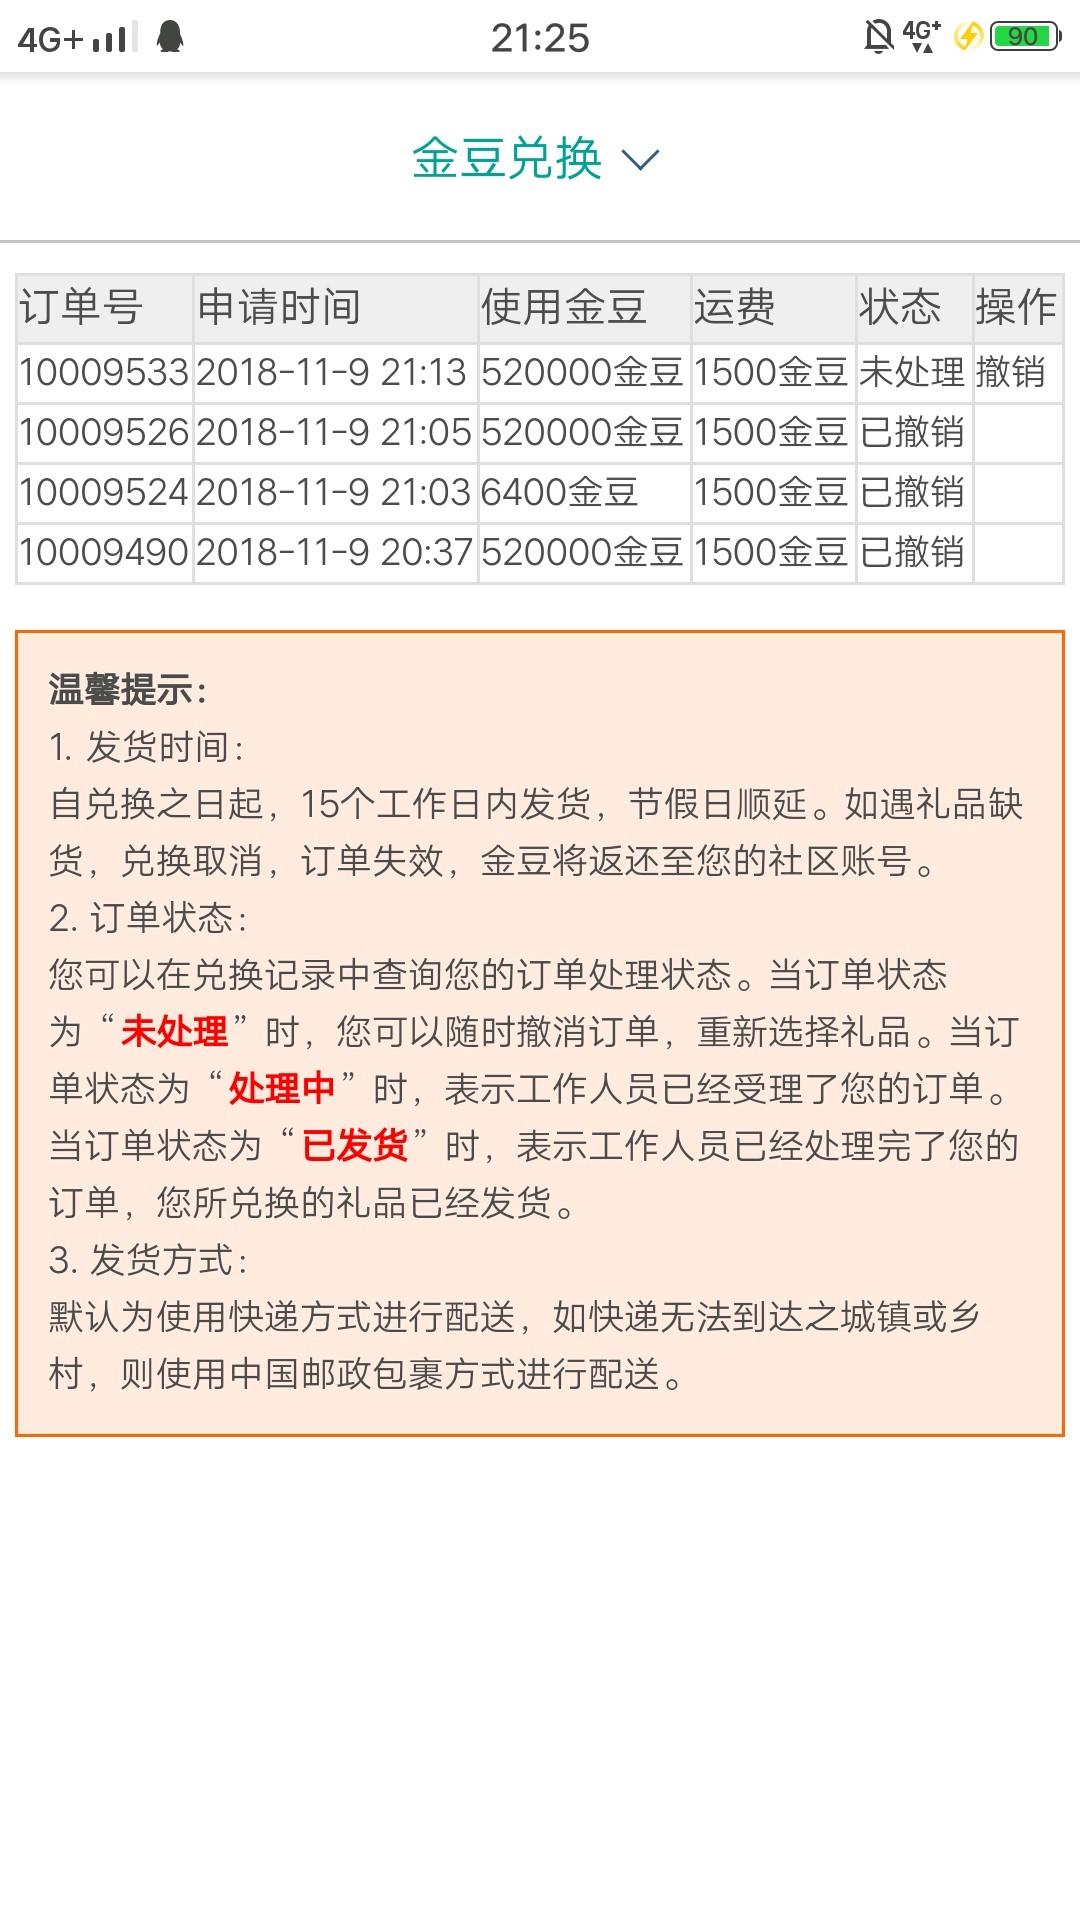 Screenshot_20181109_212509.jpg